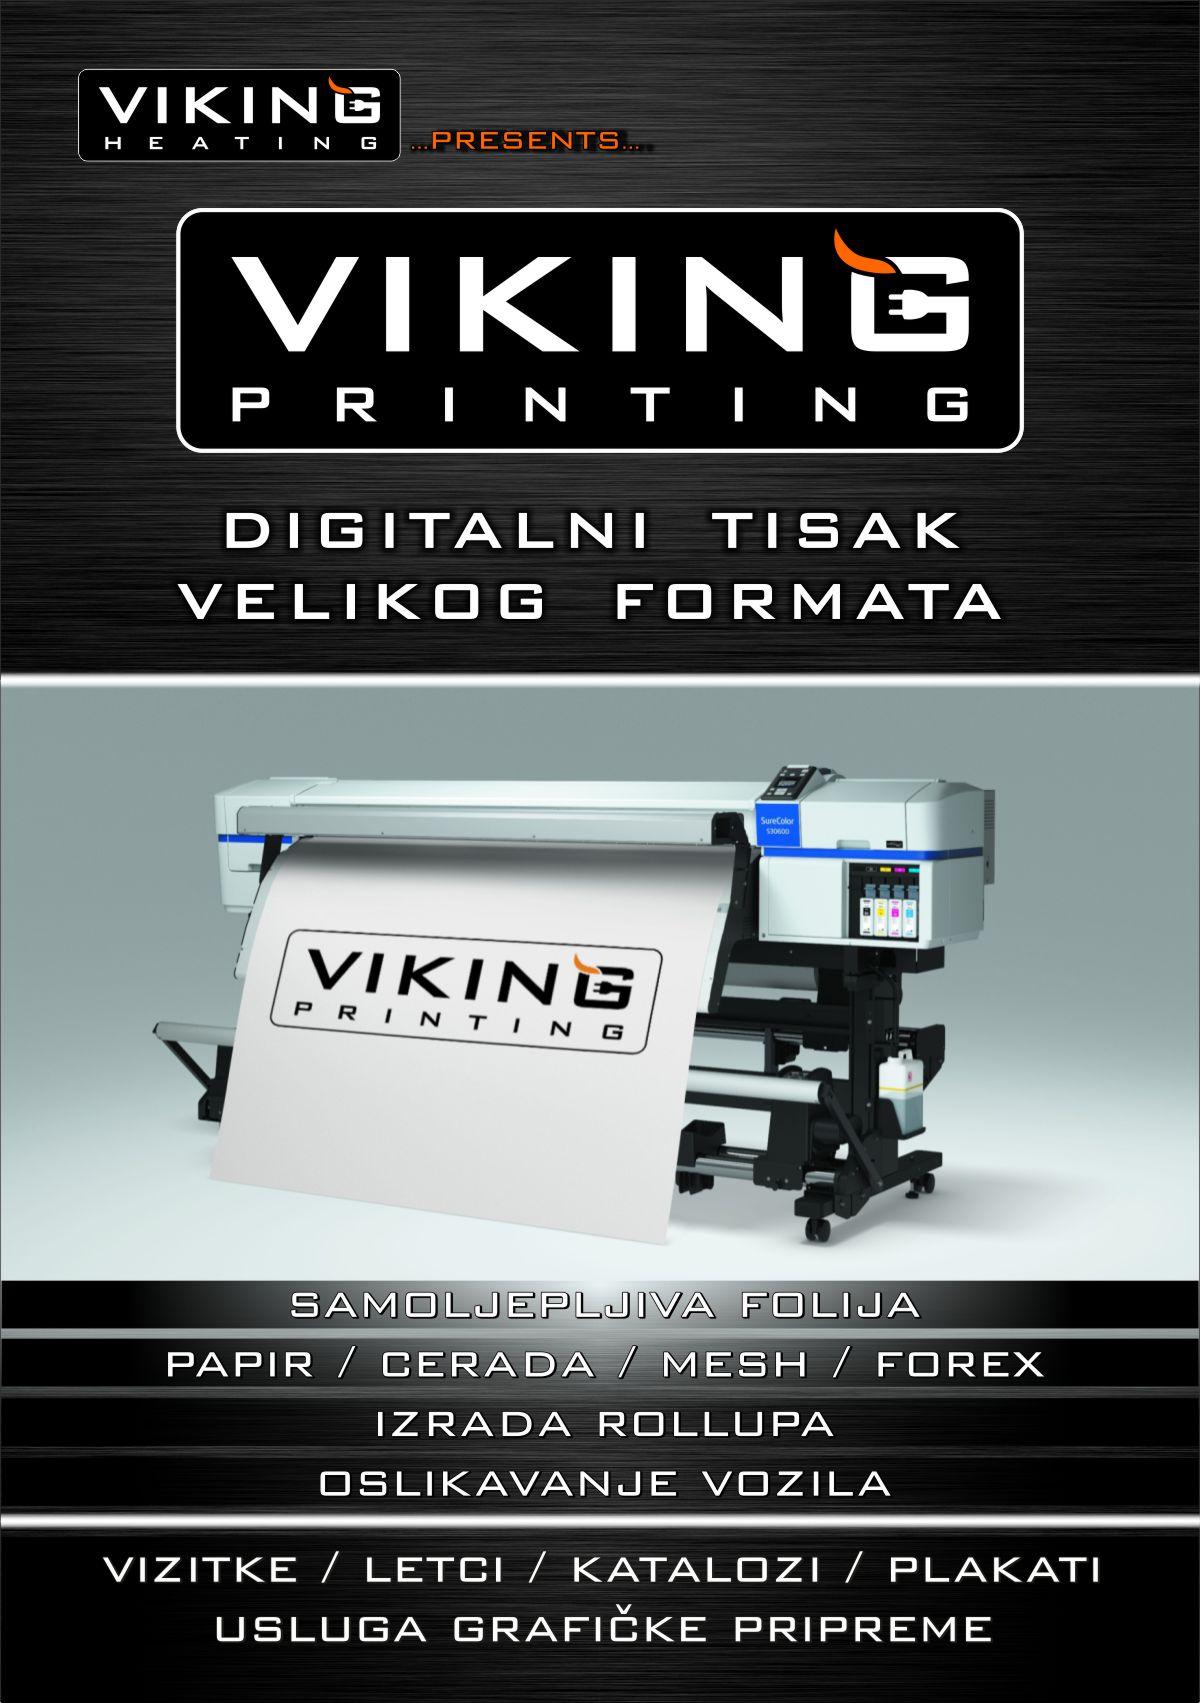 Viking bravarija - Novo u ponudi